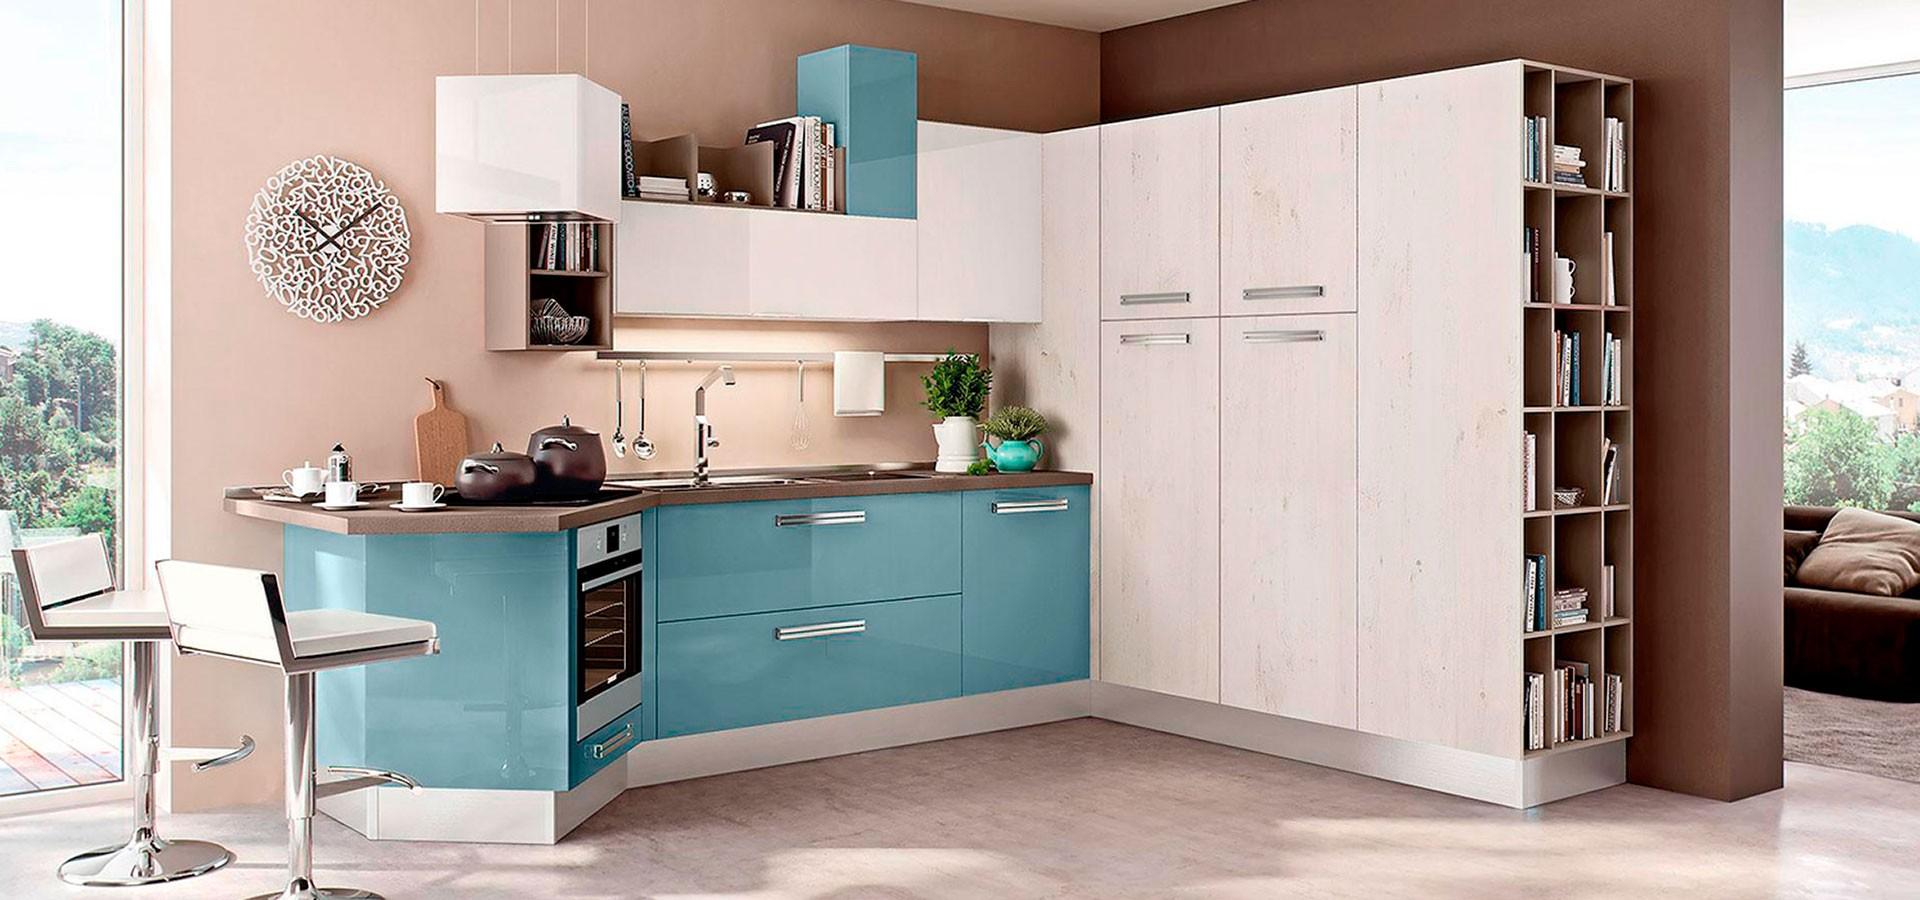 Cucine Lube Cesena Concept Store | LinkedIn